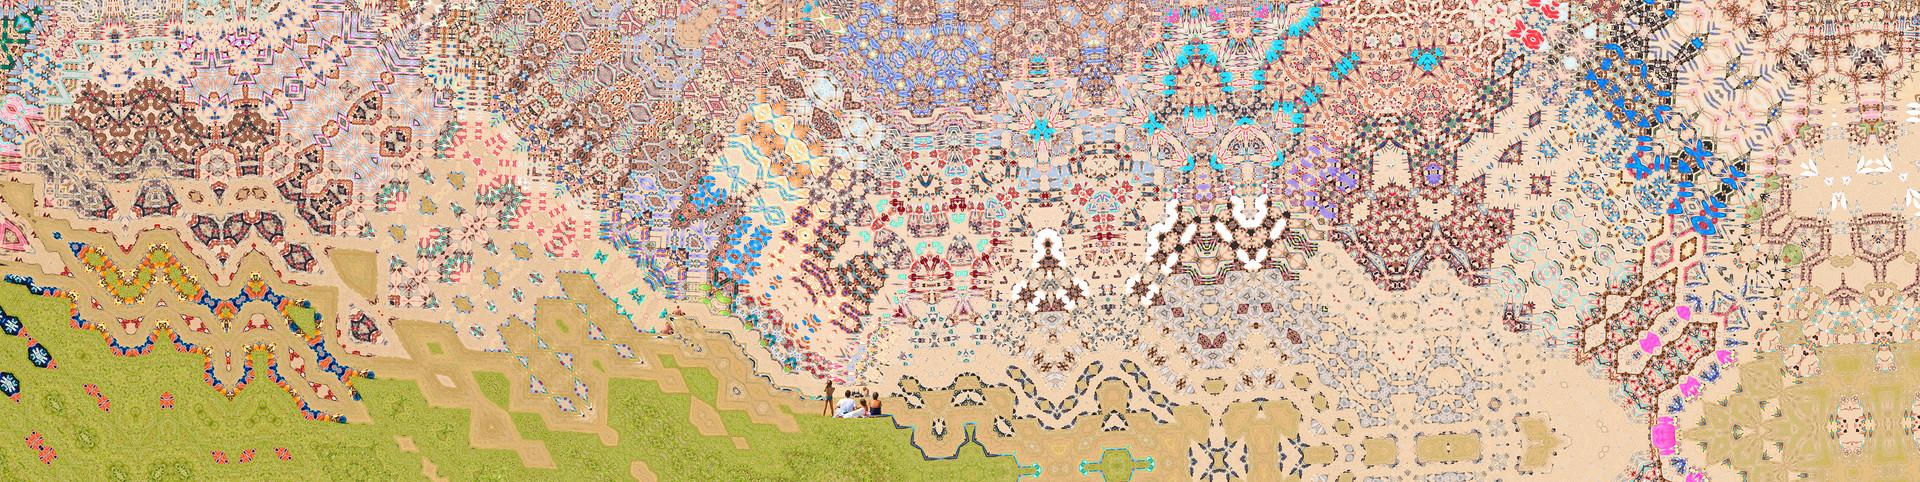 BIARRITZ - PLAGE DE LA MILADY #XL4 - 2020